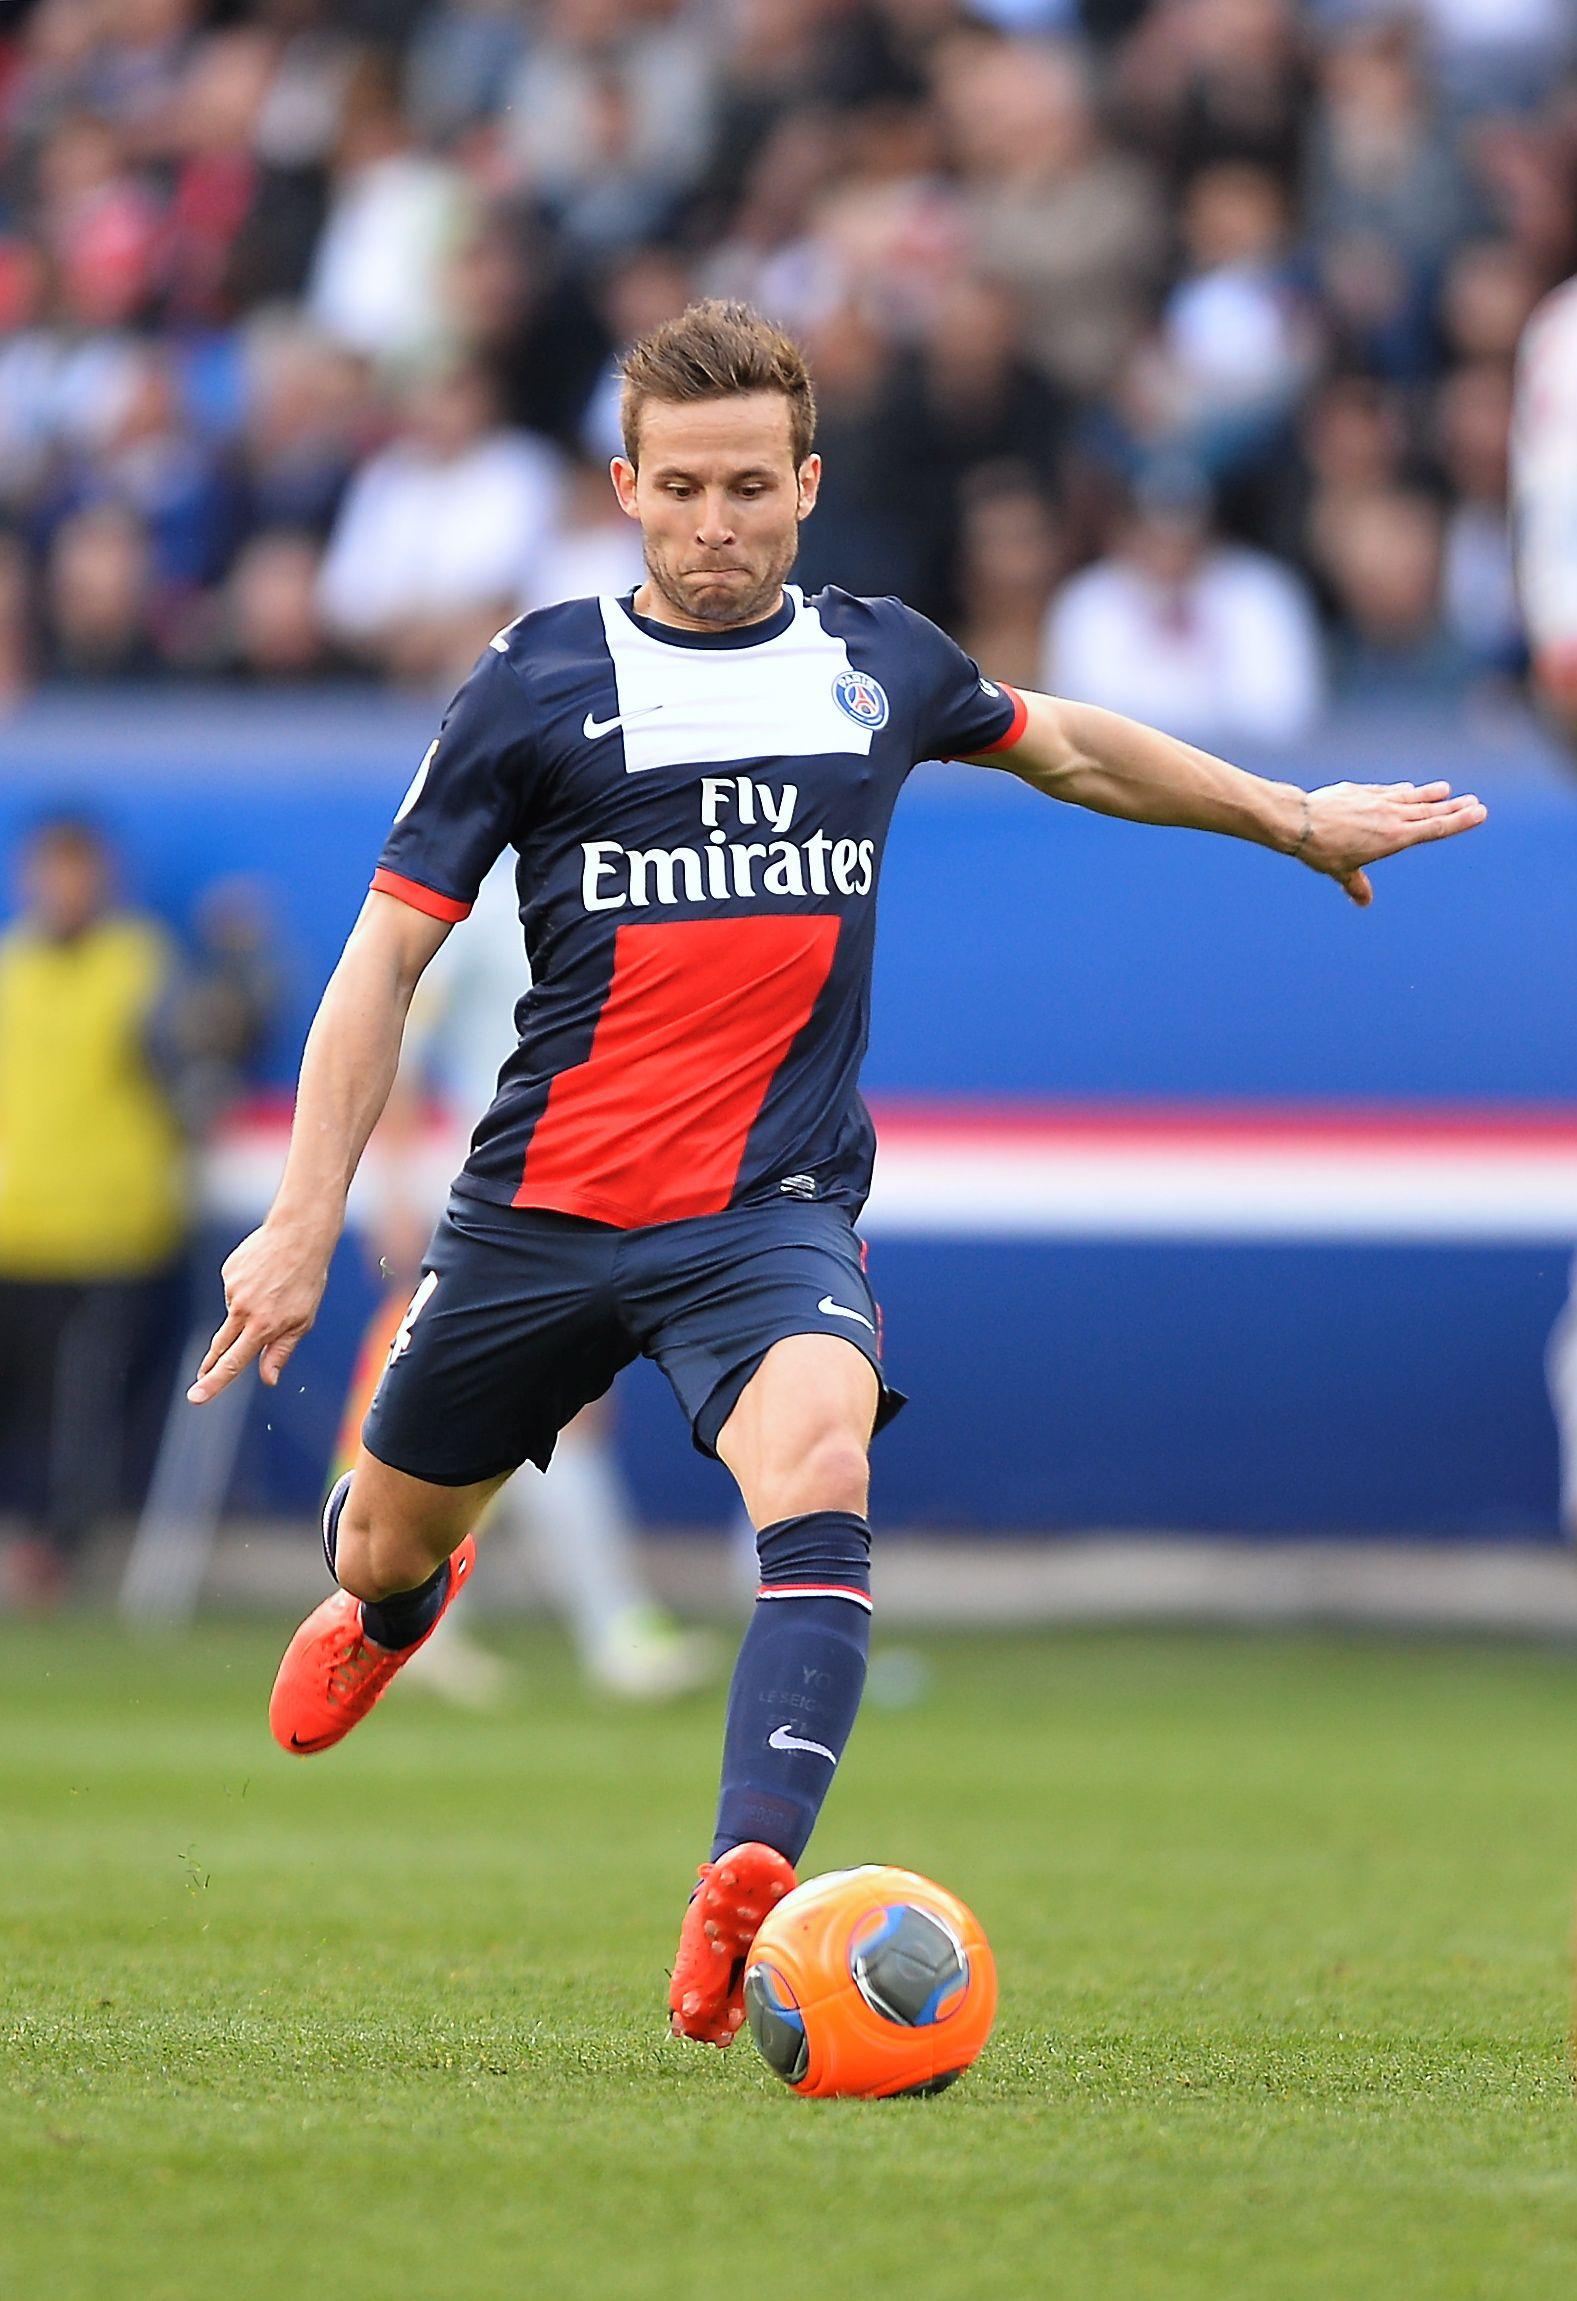 Yohan Cabaye PSG La parisienne